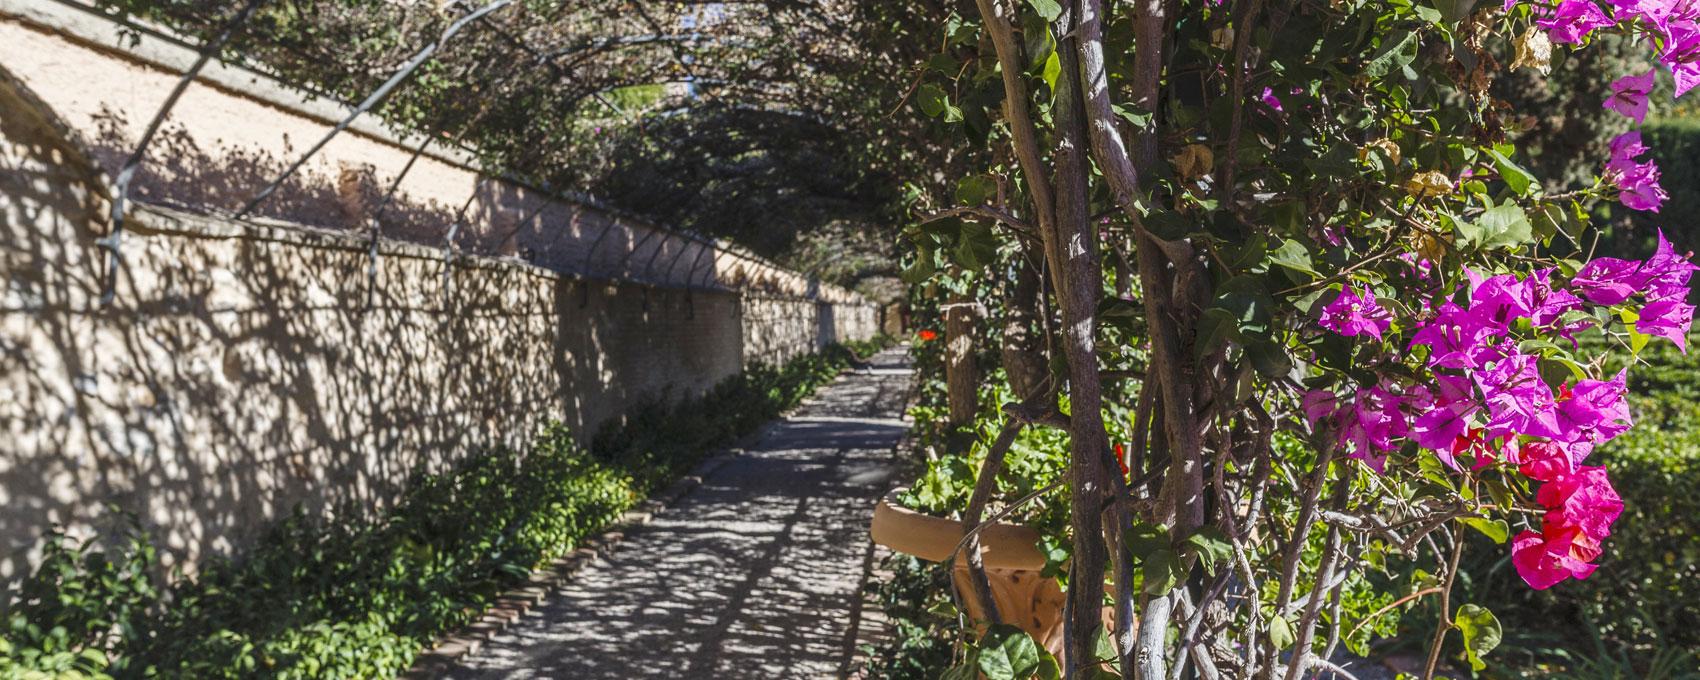 Marca linealmente el límite oeste del jardín, cerrando el parterre viejo y la Rosaleda. Es una bóveda vegetal formada por una estructura metálica apoyada en el muro de cerramiento del jardín sobre la que se apoya un entramado de vistosas buganvillas.